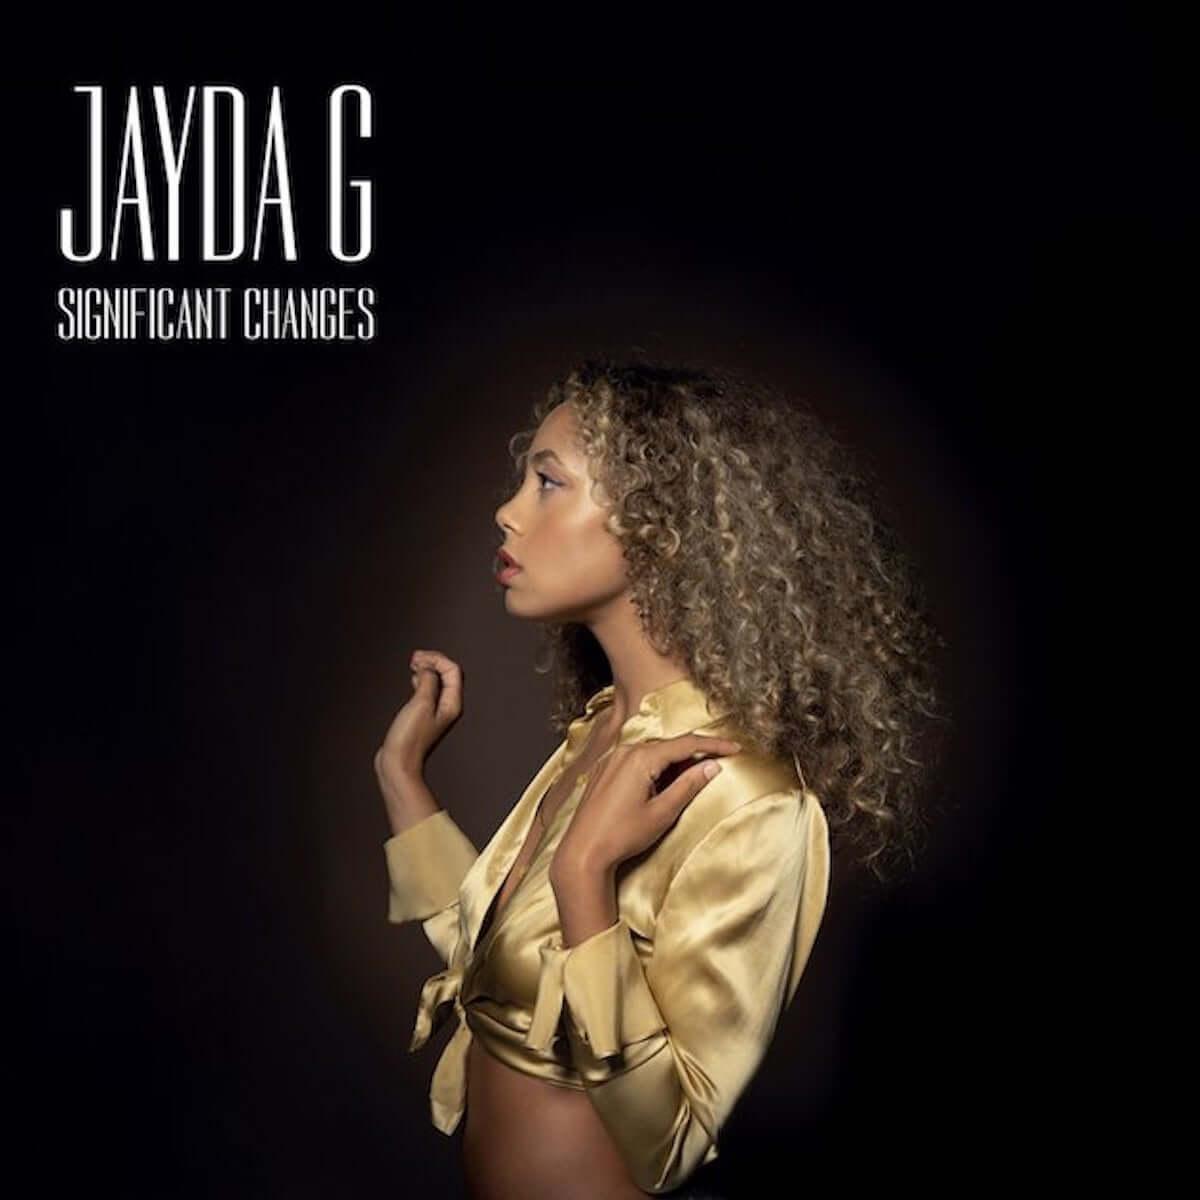 Jayda Gが3月に〈Ninja Tune〉からデビューアルバム『Significant Changes』をリリース music190124-jayda-g-1200x1200